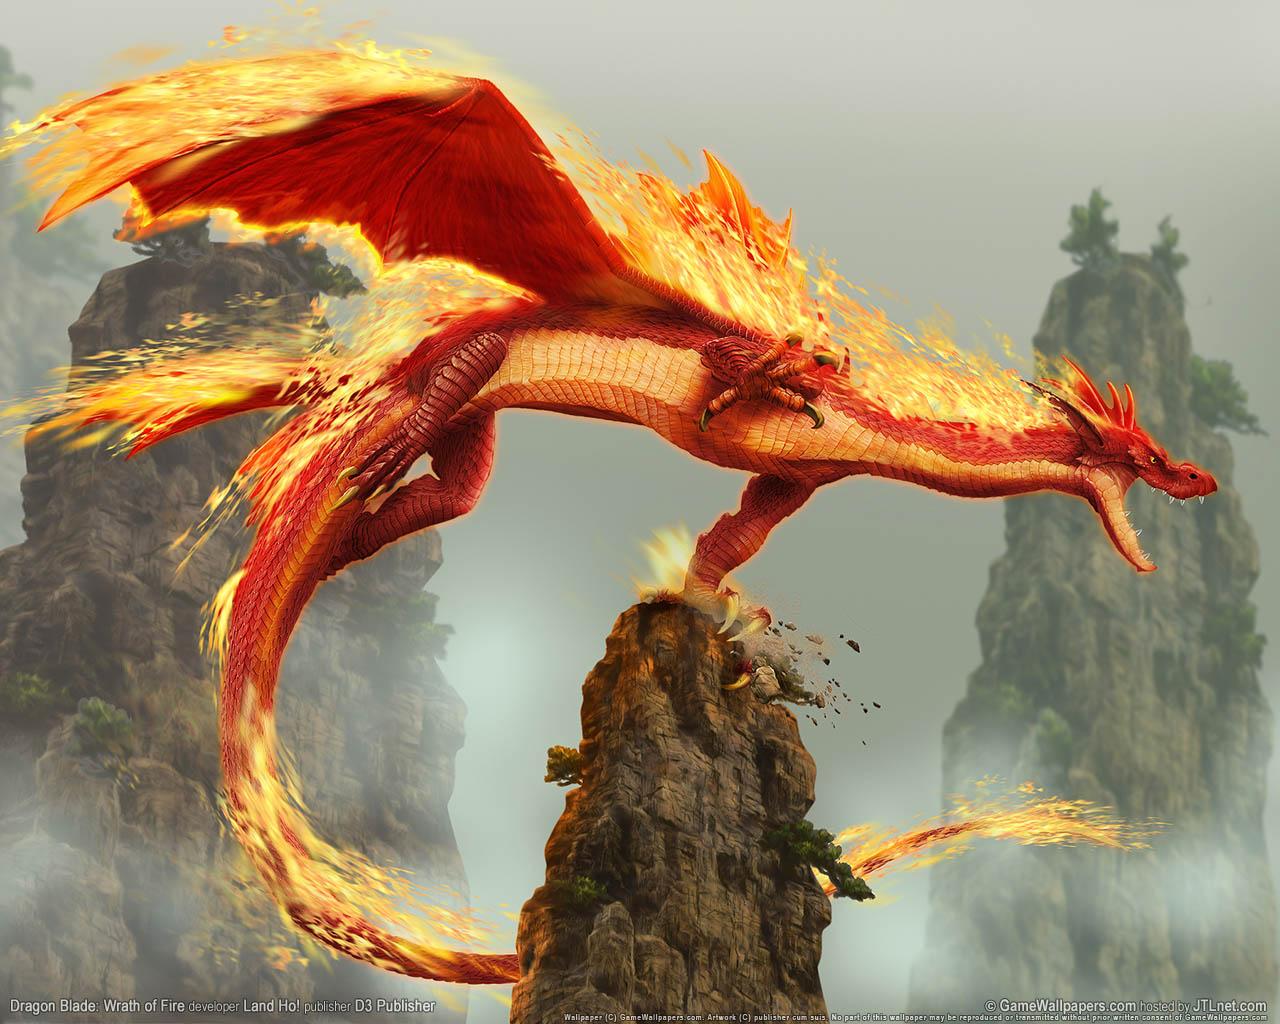 http://3.bp.blogspot.com/-fKEdCGxLydM/TzTABYmHg5I/AAAAAAAAAXk/zEZ8KZ-JVkI/s1600/Fire%2B20%2BDragon.jpg